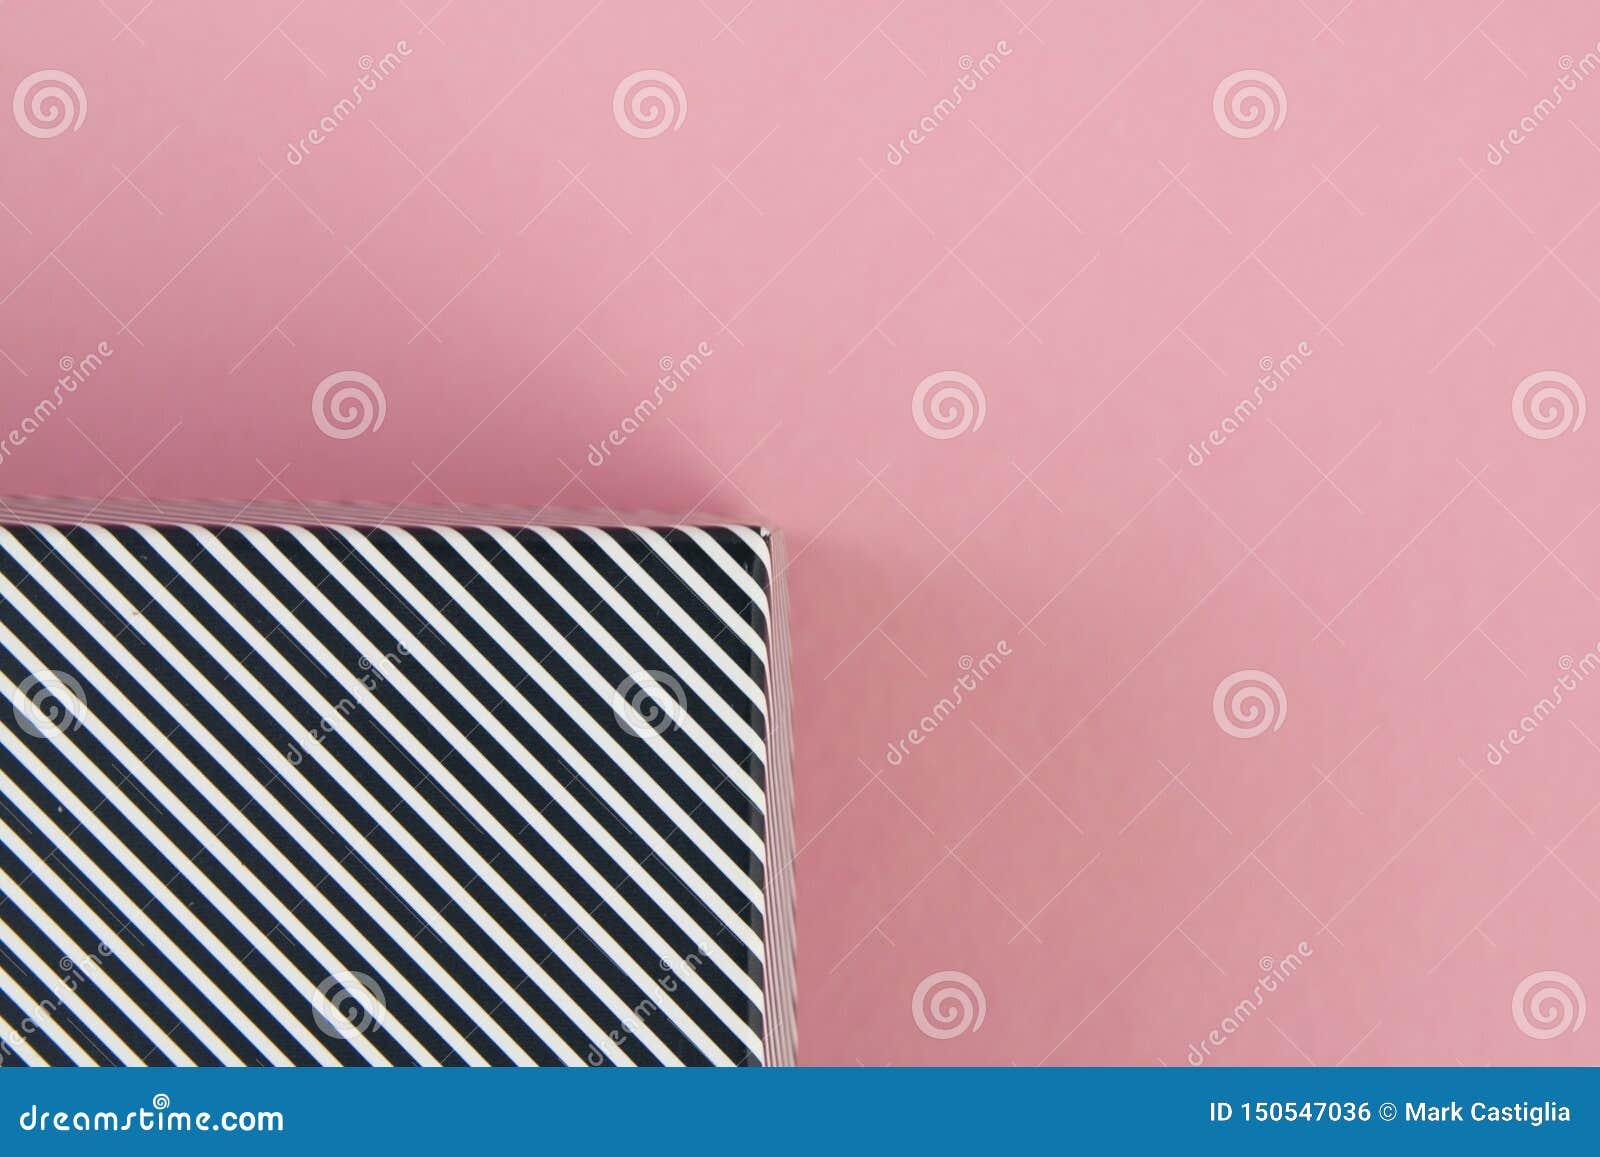 Diagonala svartvita band på pastellfärgad rosa bakgrund